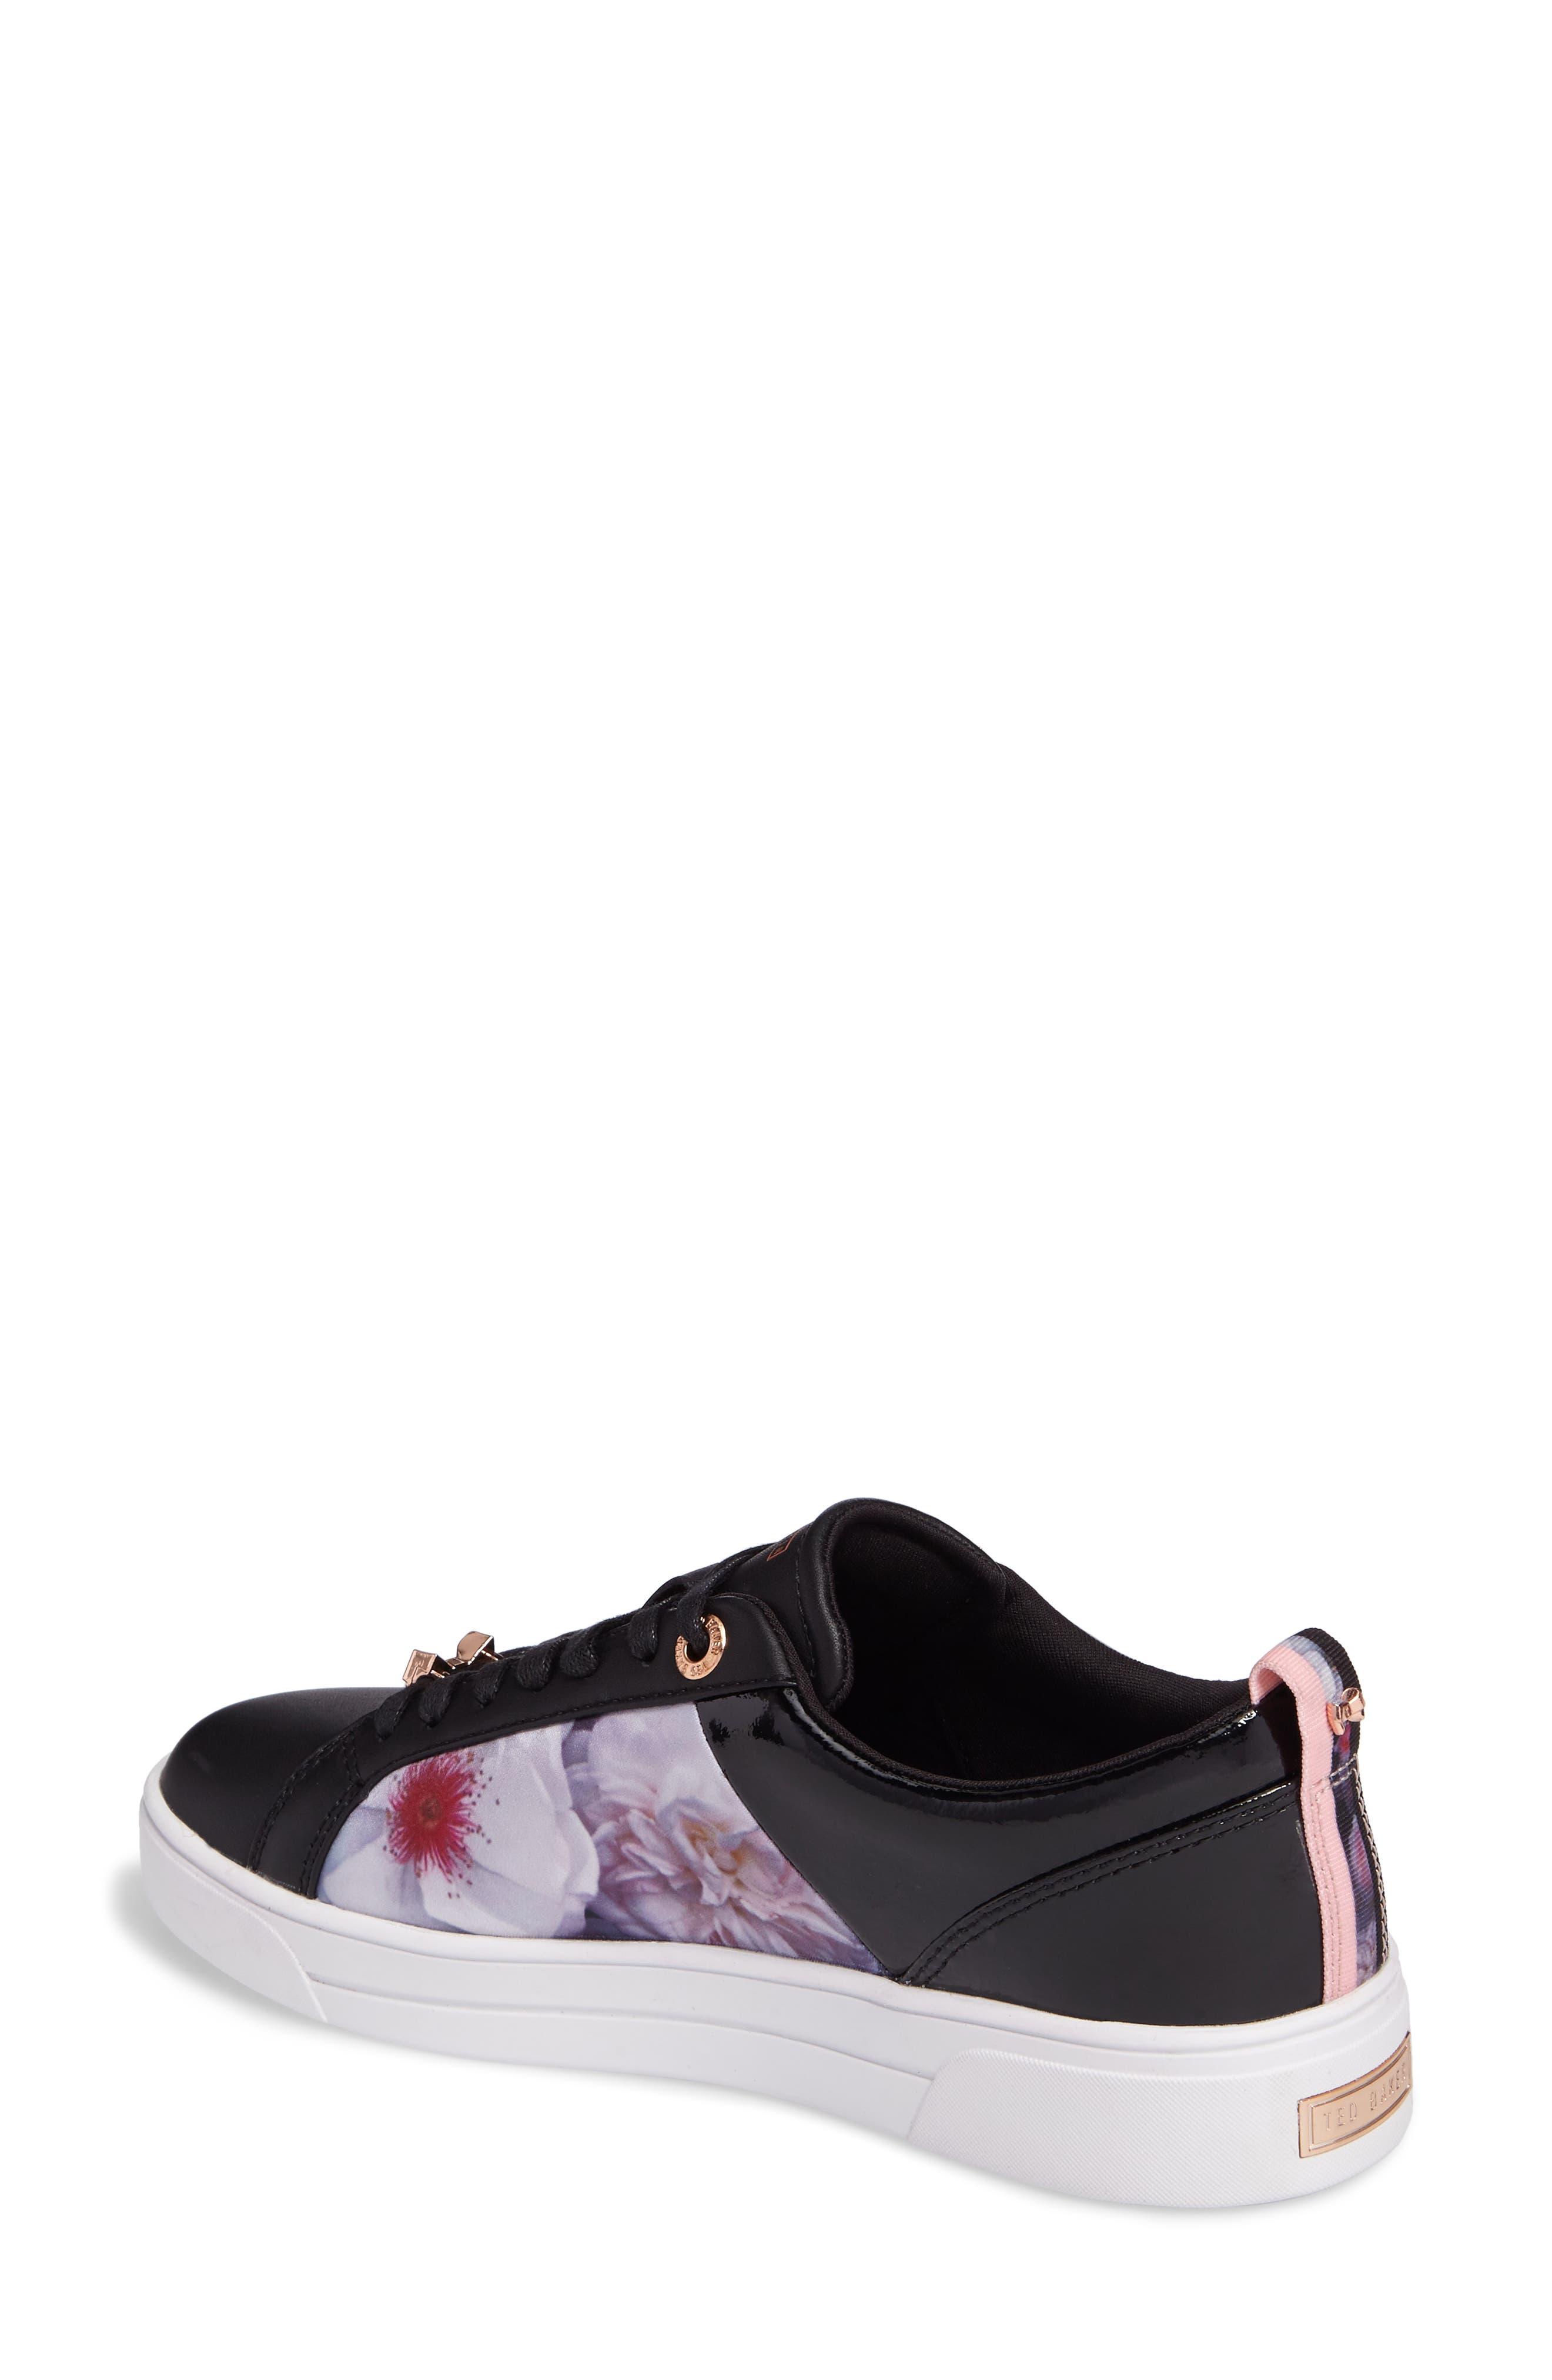 Fushar Sneaker,                             Alternate thumbnail 2, color,                             001